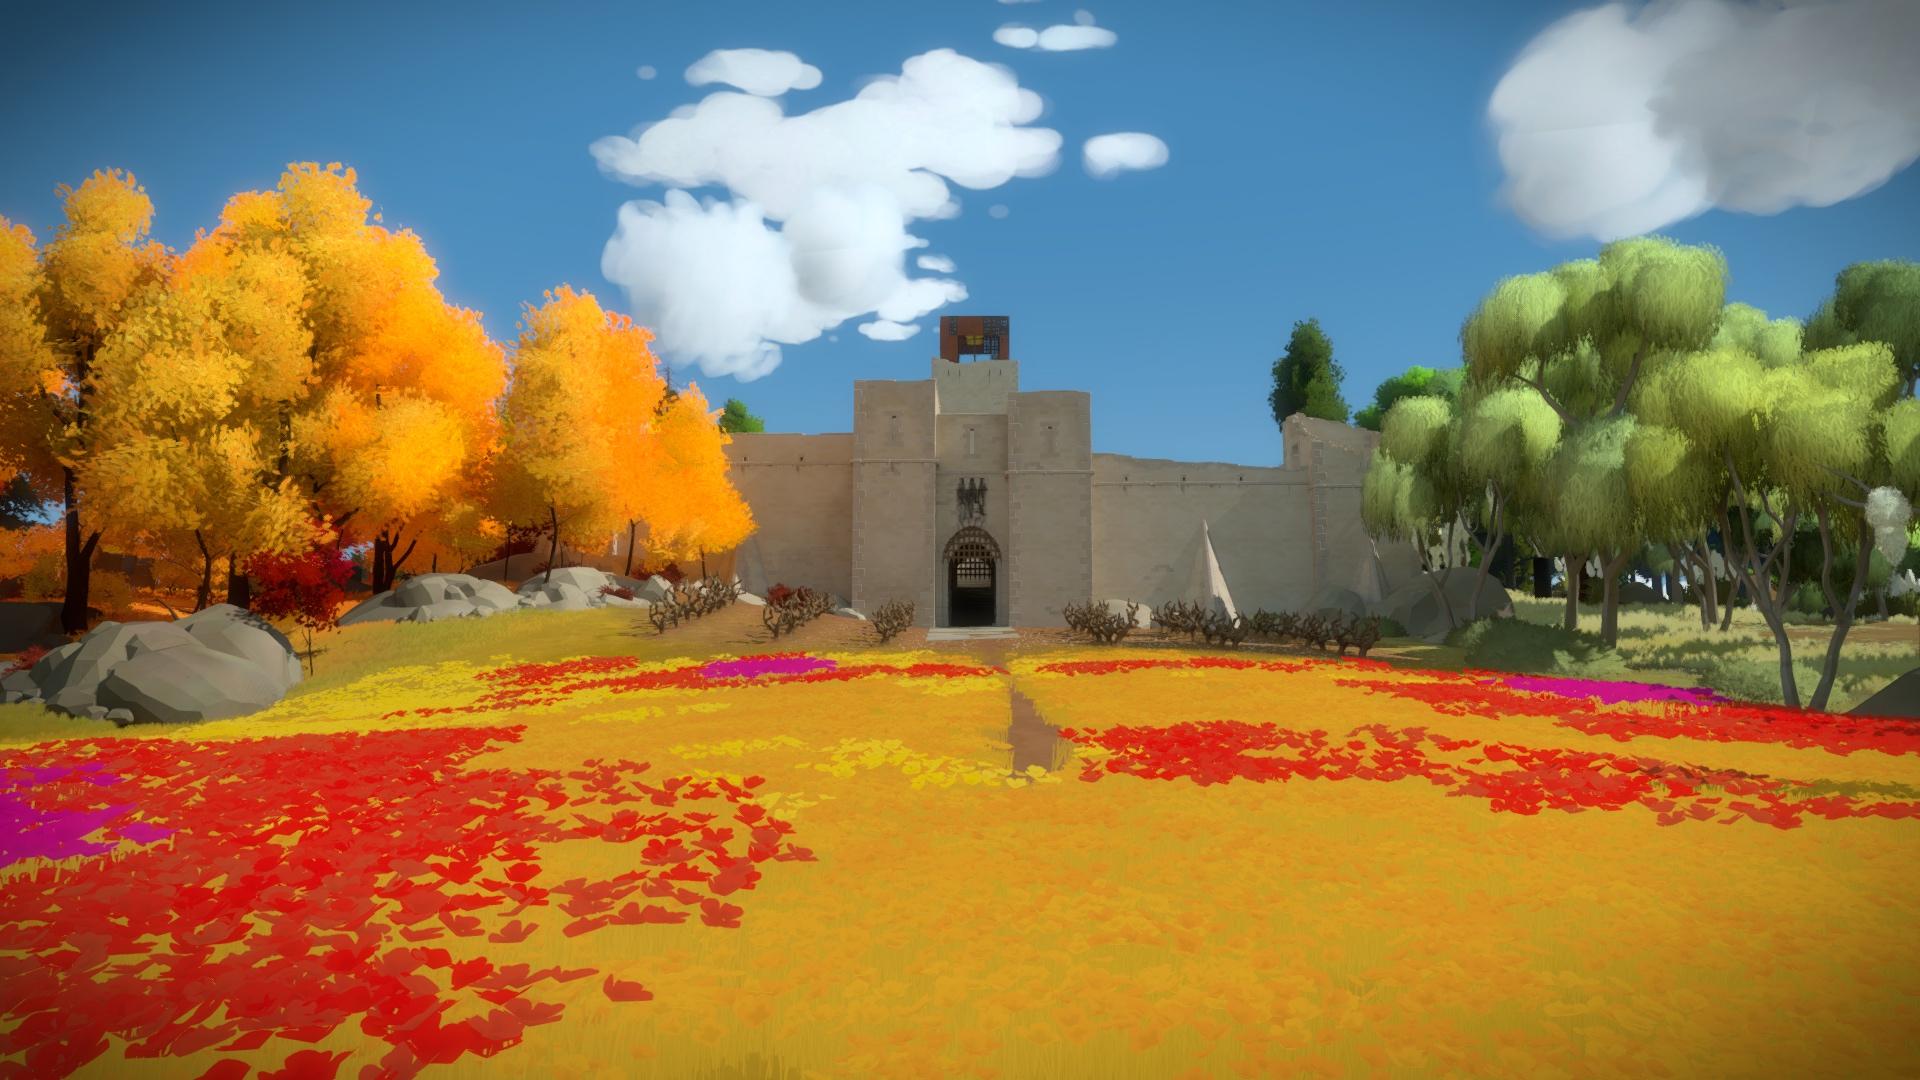 9 El entretenido 'The Witness' llegará a Xbox One en septiembre